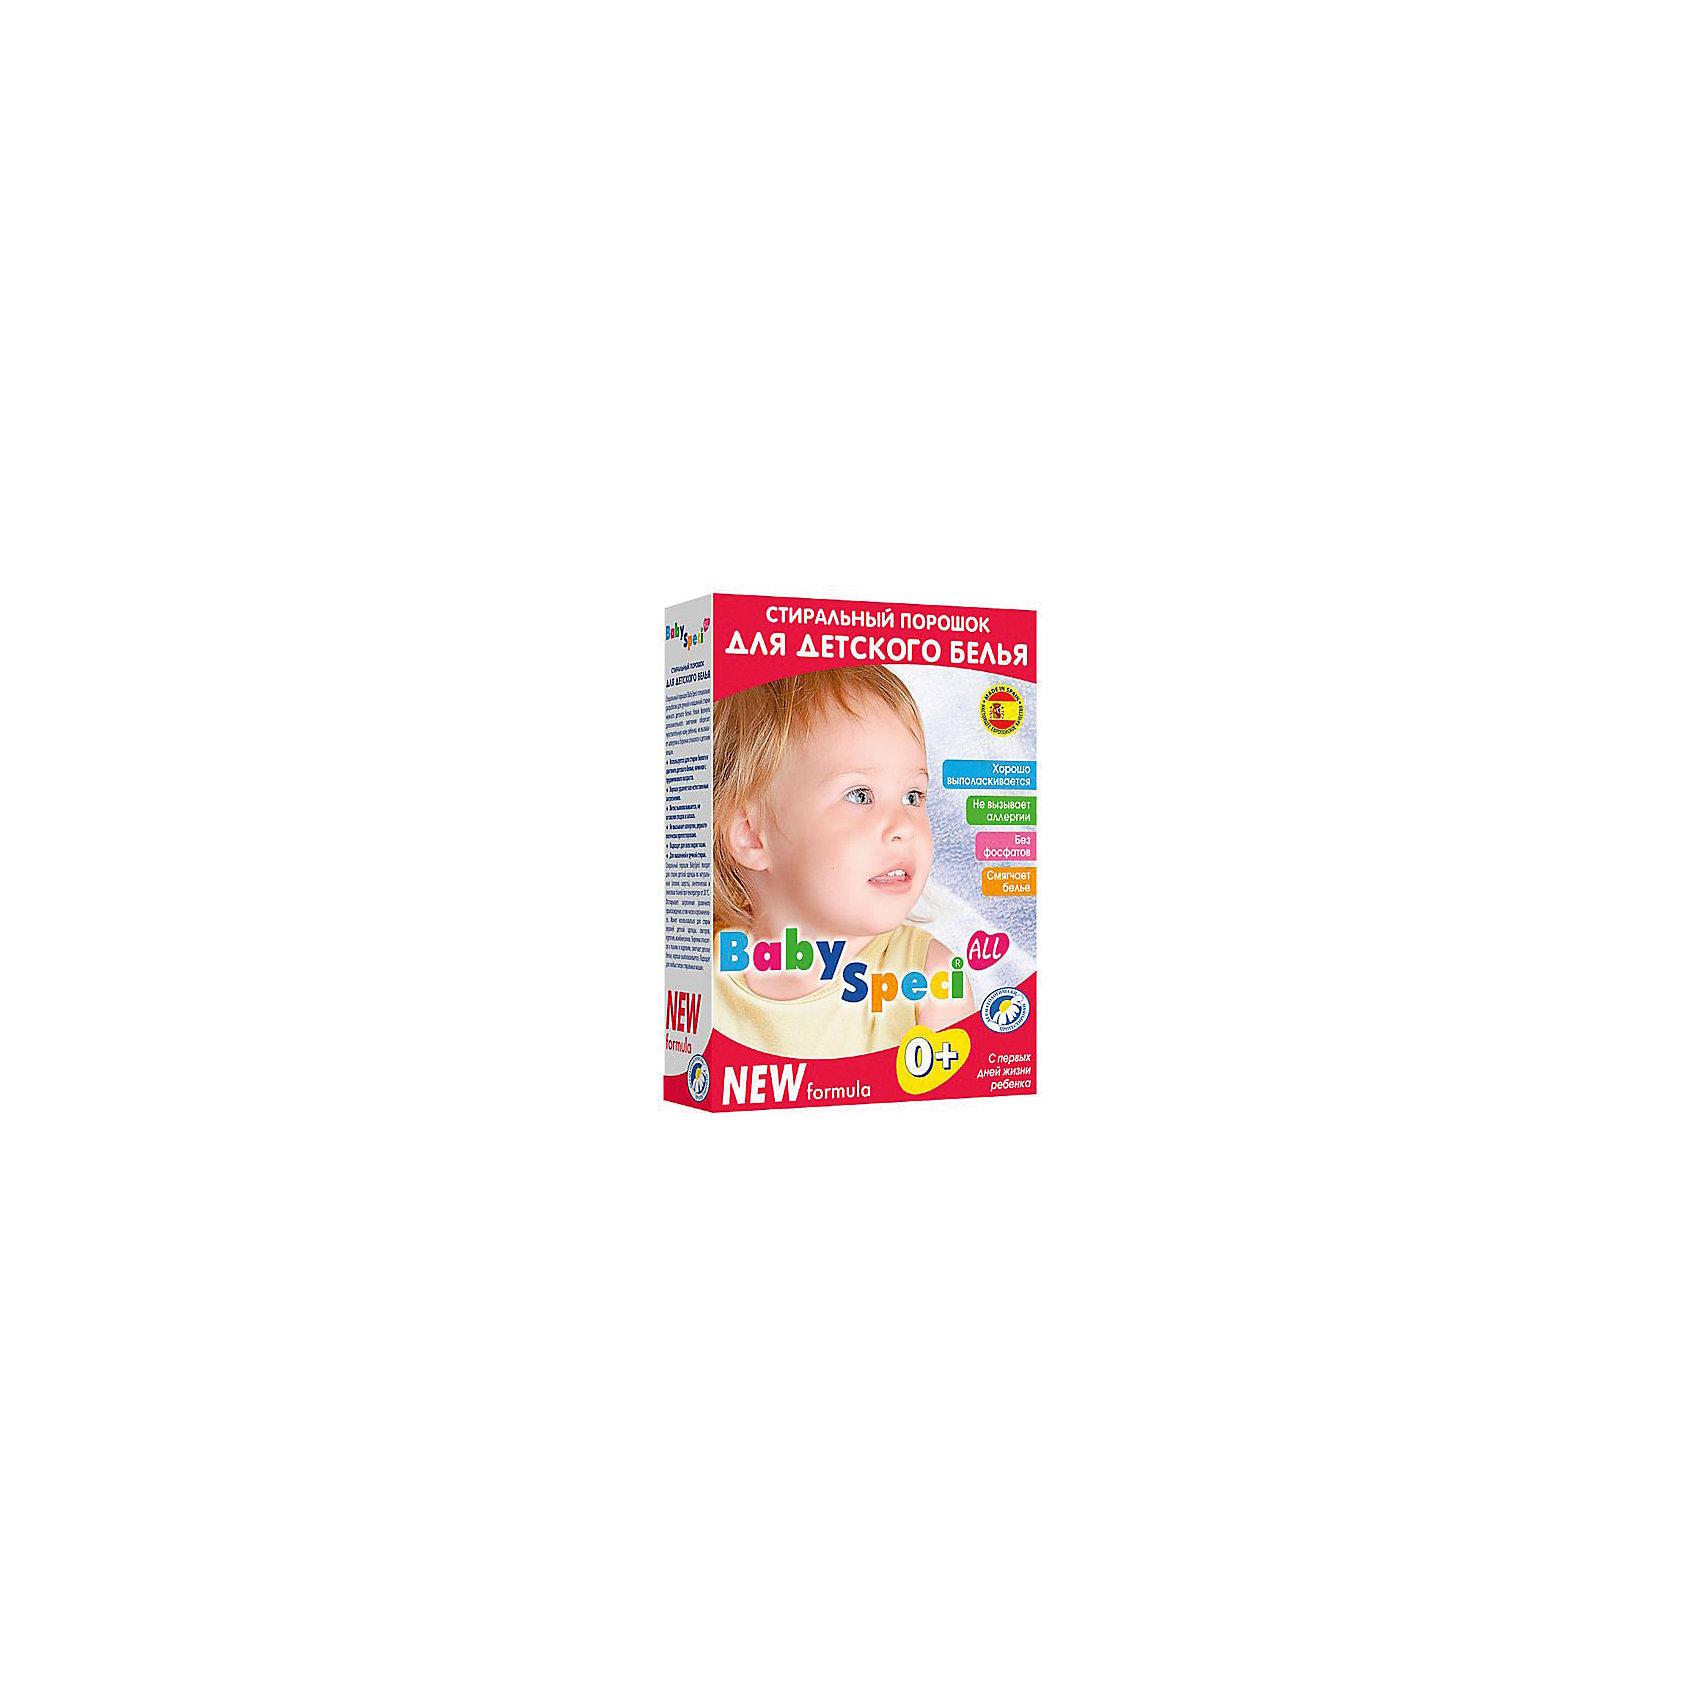 Baby Speci Стиральный порошок 500 гр., Baby Speci корм вака high quality для средних попугаев 500 гр